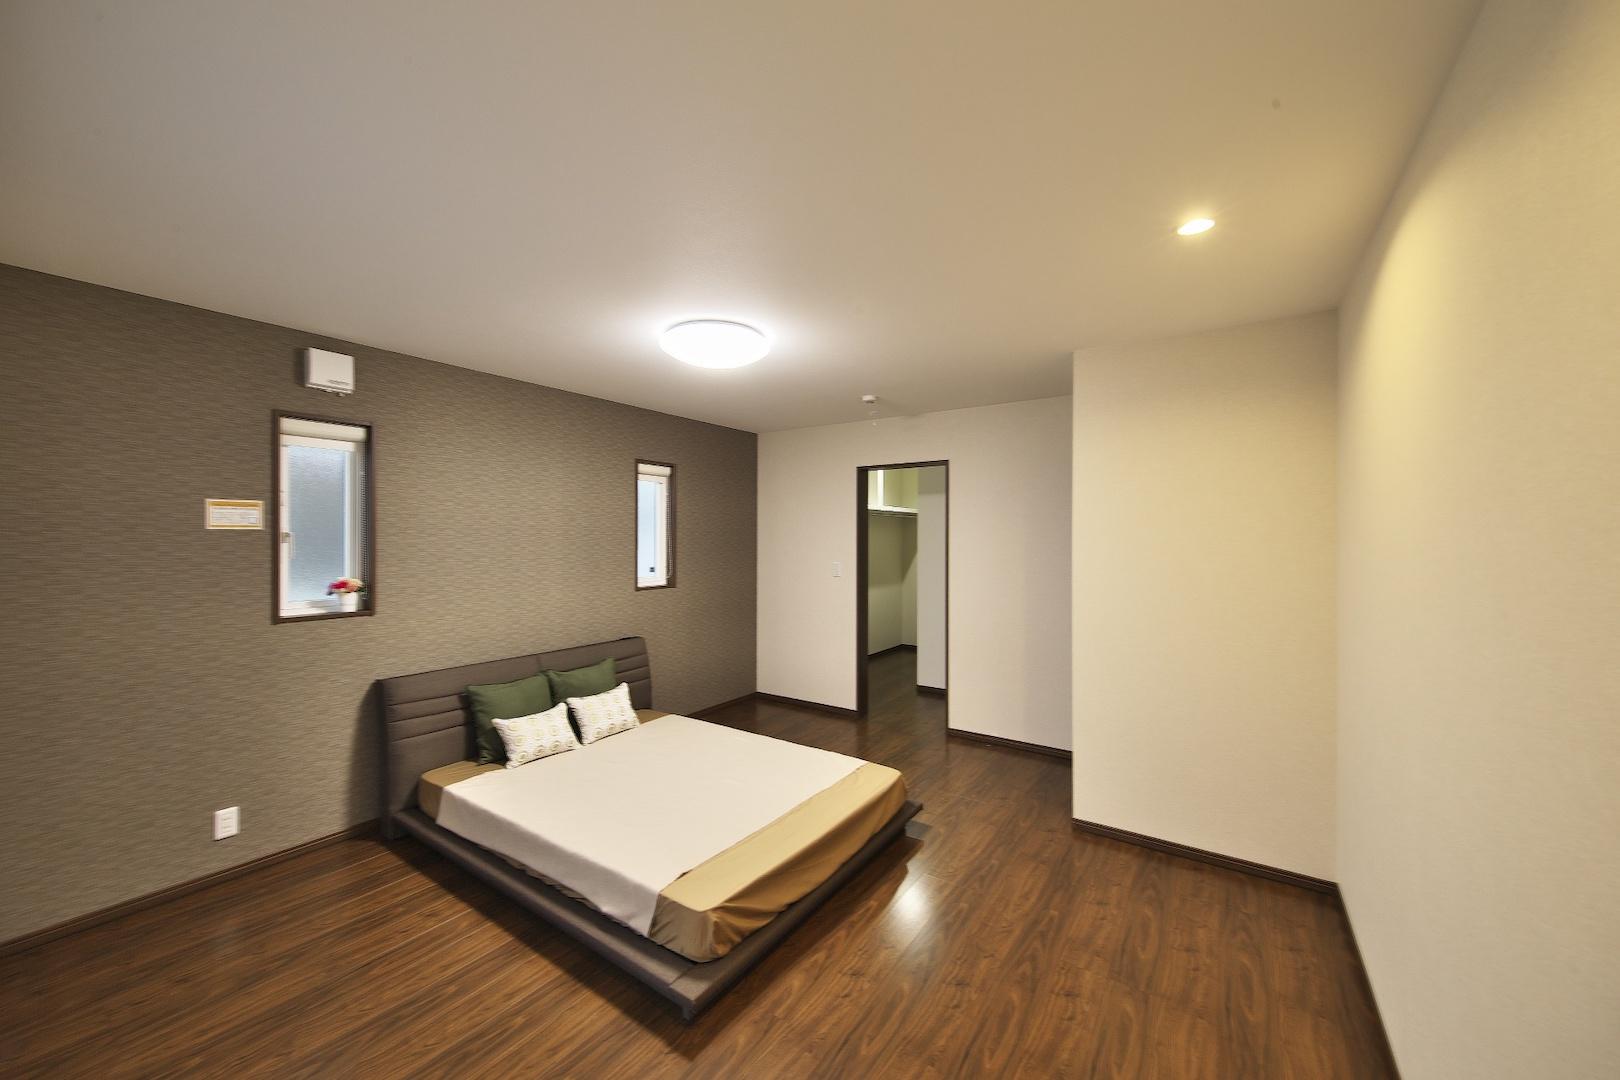 徳島 香川で新築 注文住宅を建てる南光のブログ